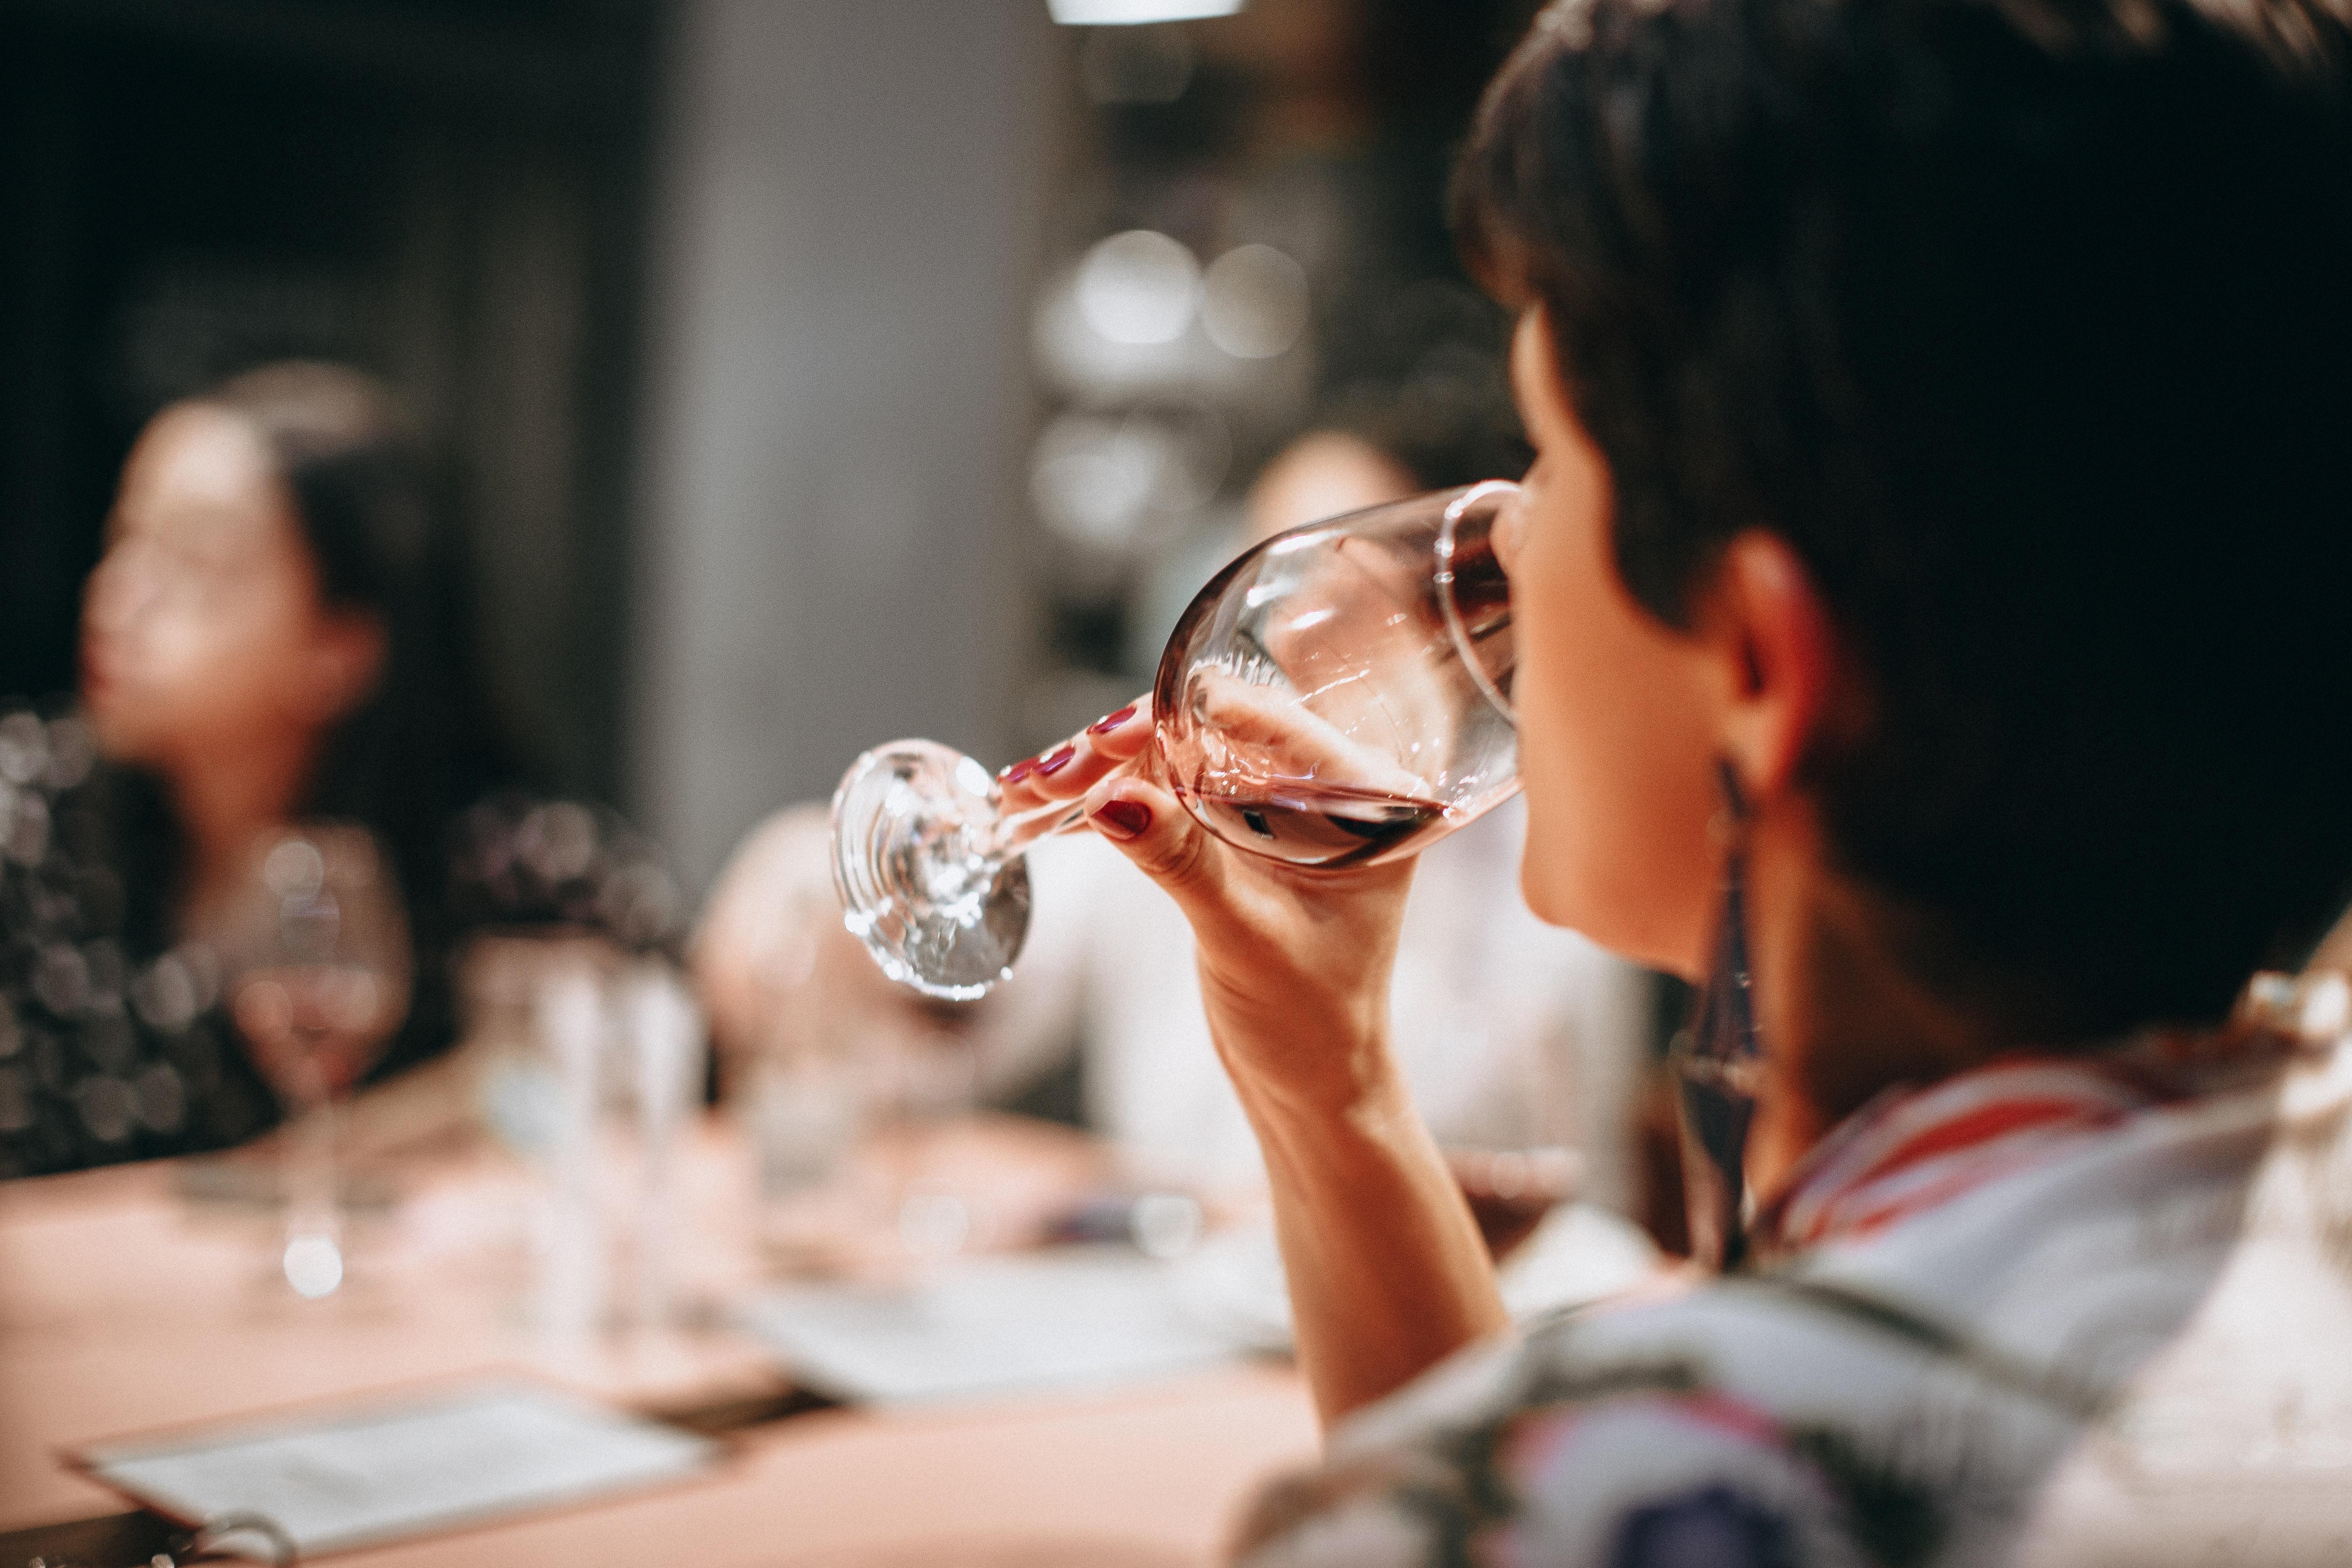 adult-celebration-drink-696219